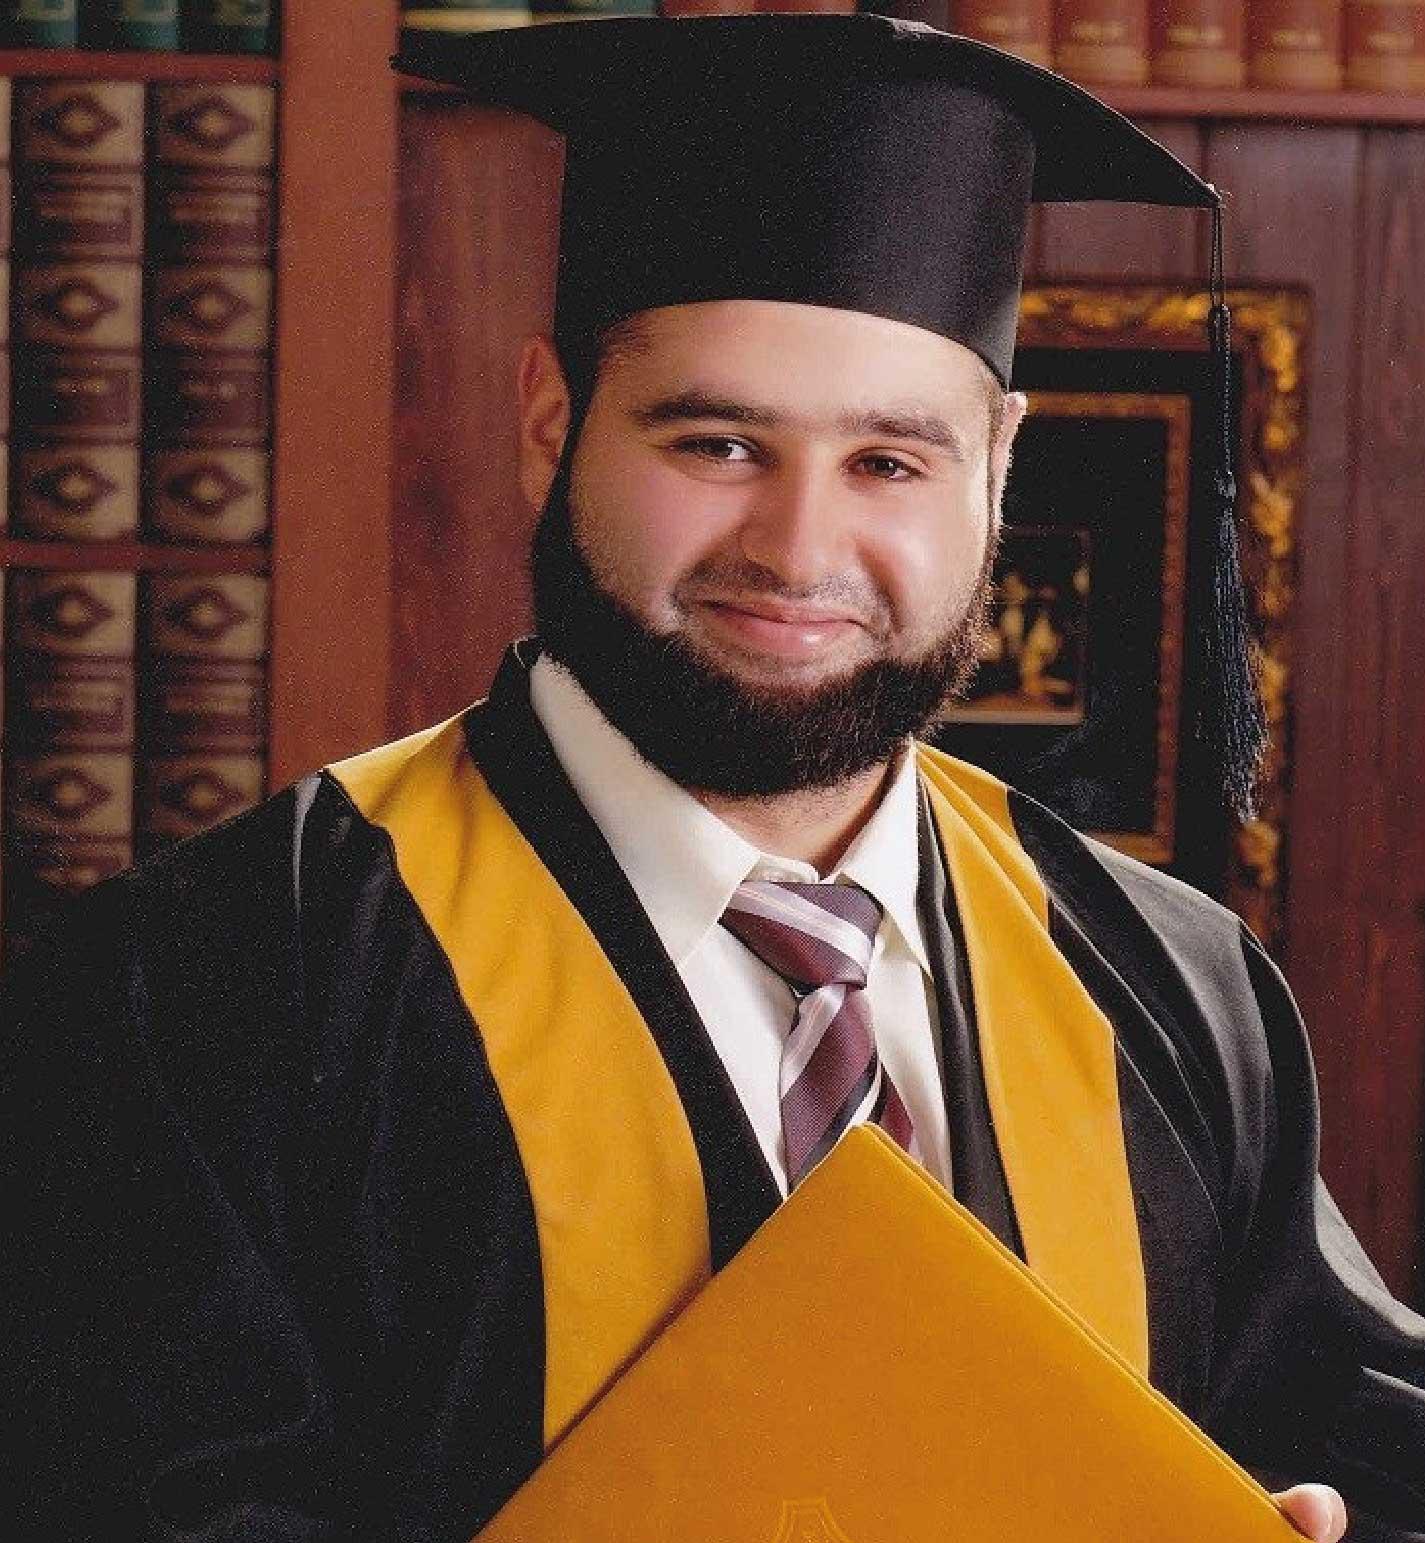 Eng. Loiy Al-Ghussain